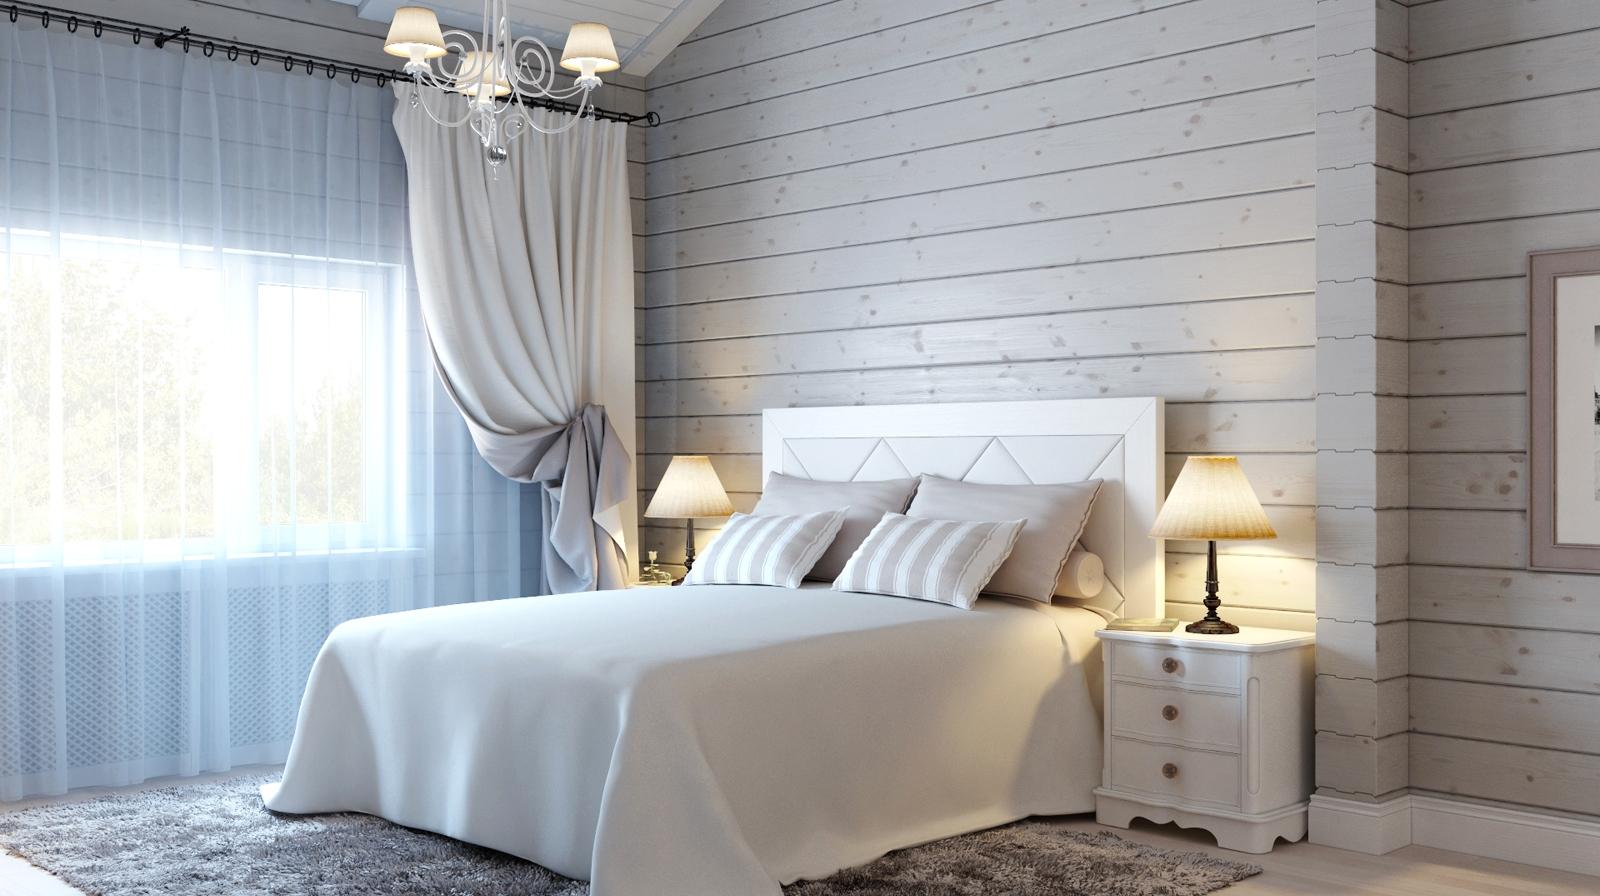 нежный интерьер спальни в деревянном стиле